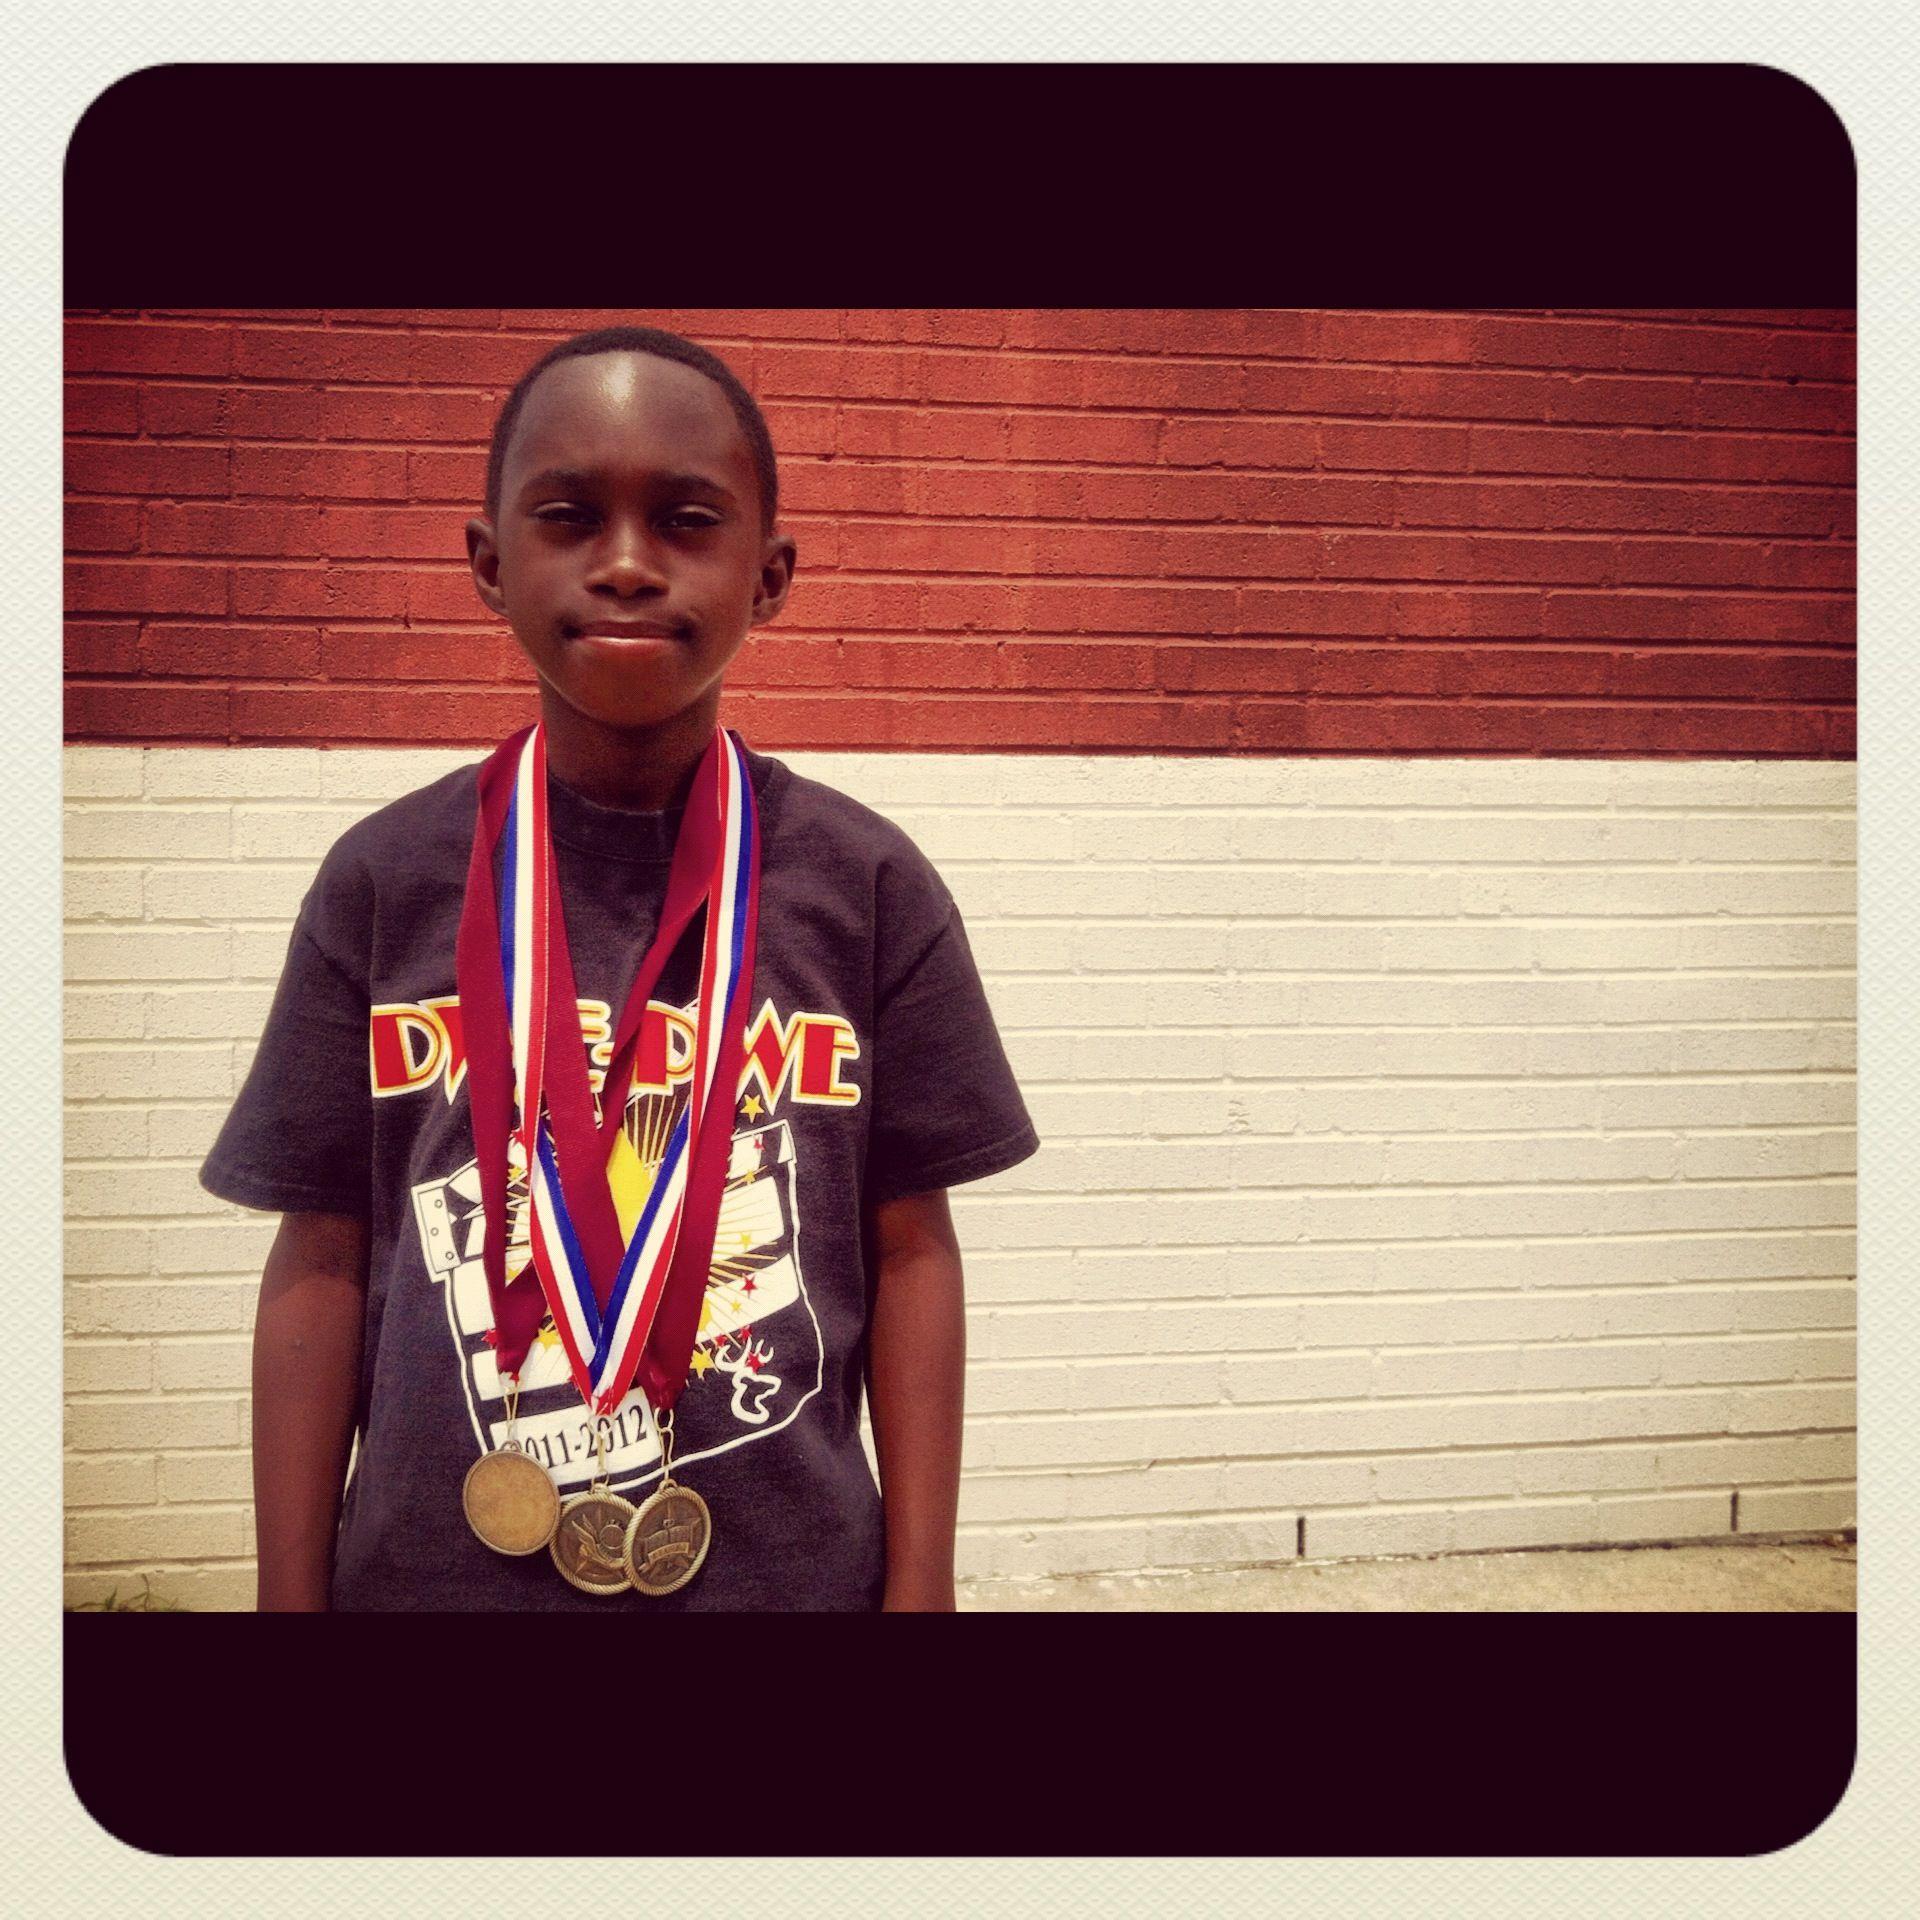 Born runner joshua track medals 3rdgrade delancy